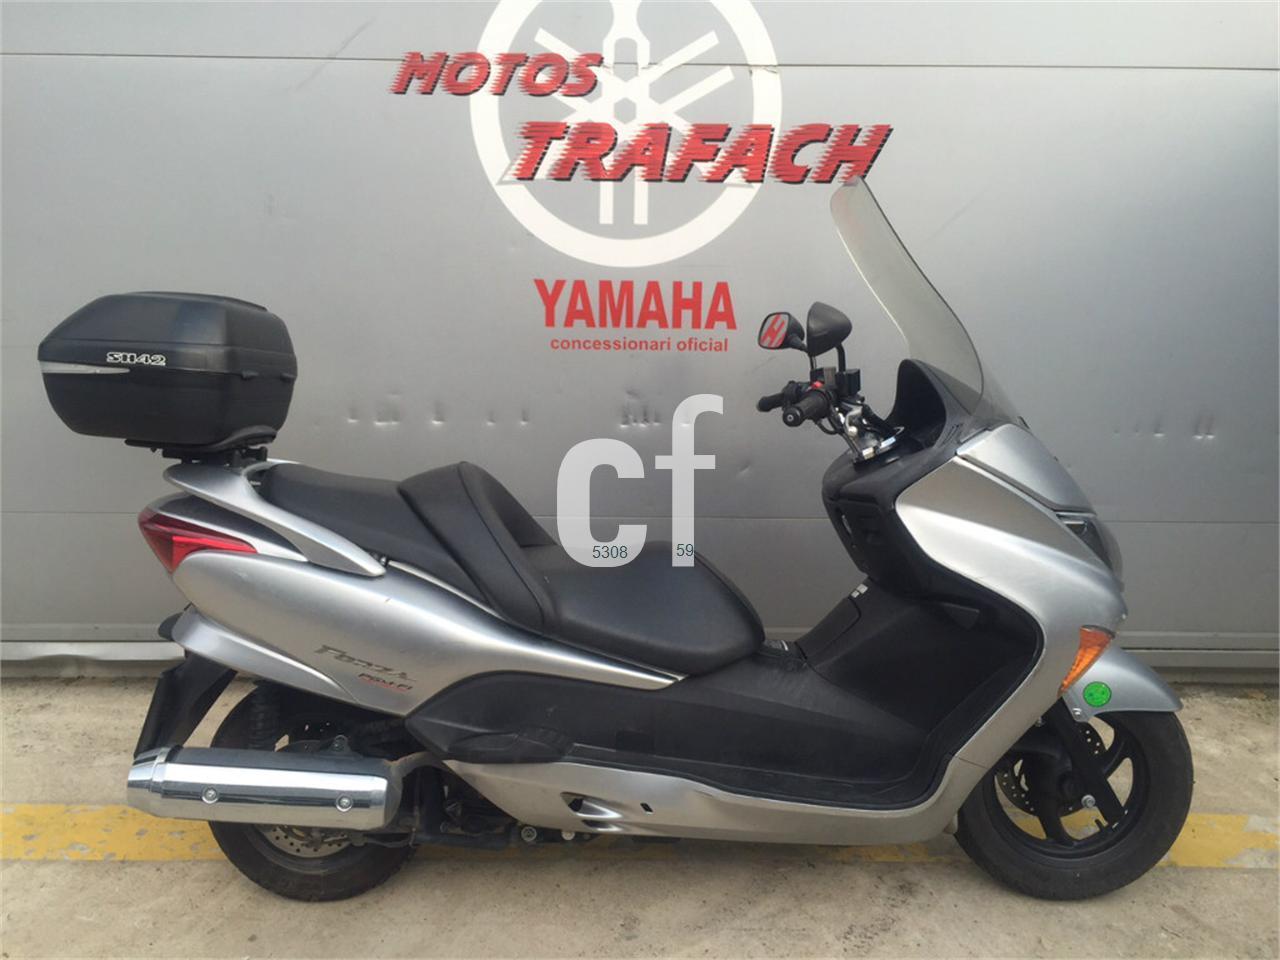 HONDA FORZA 250 X de venta